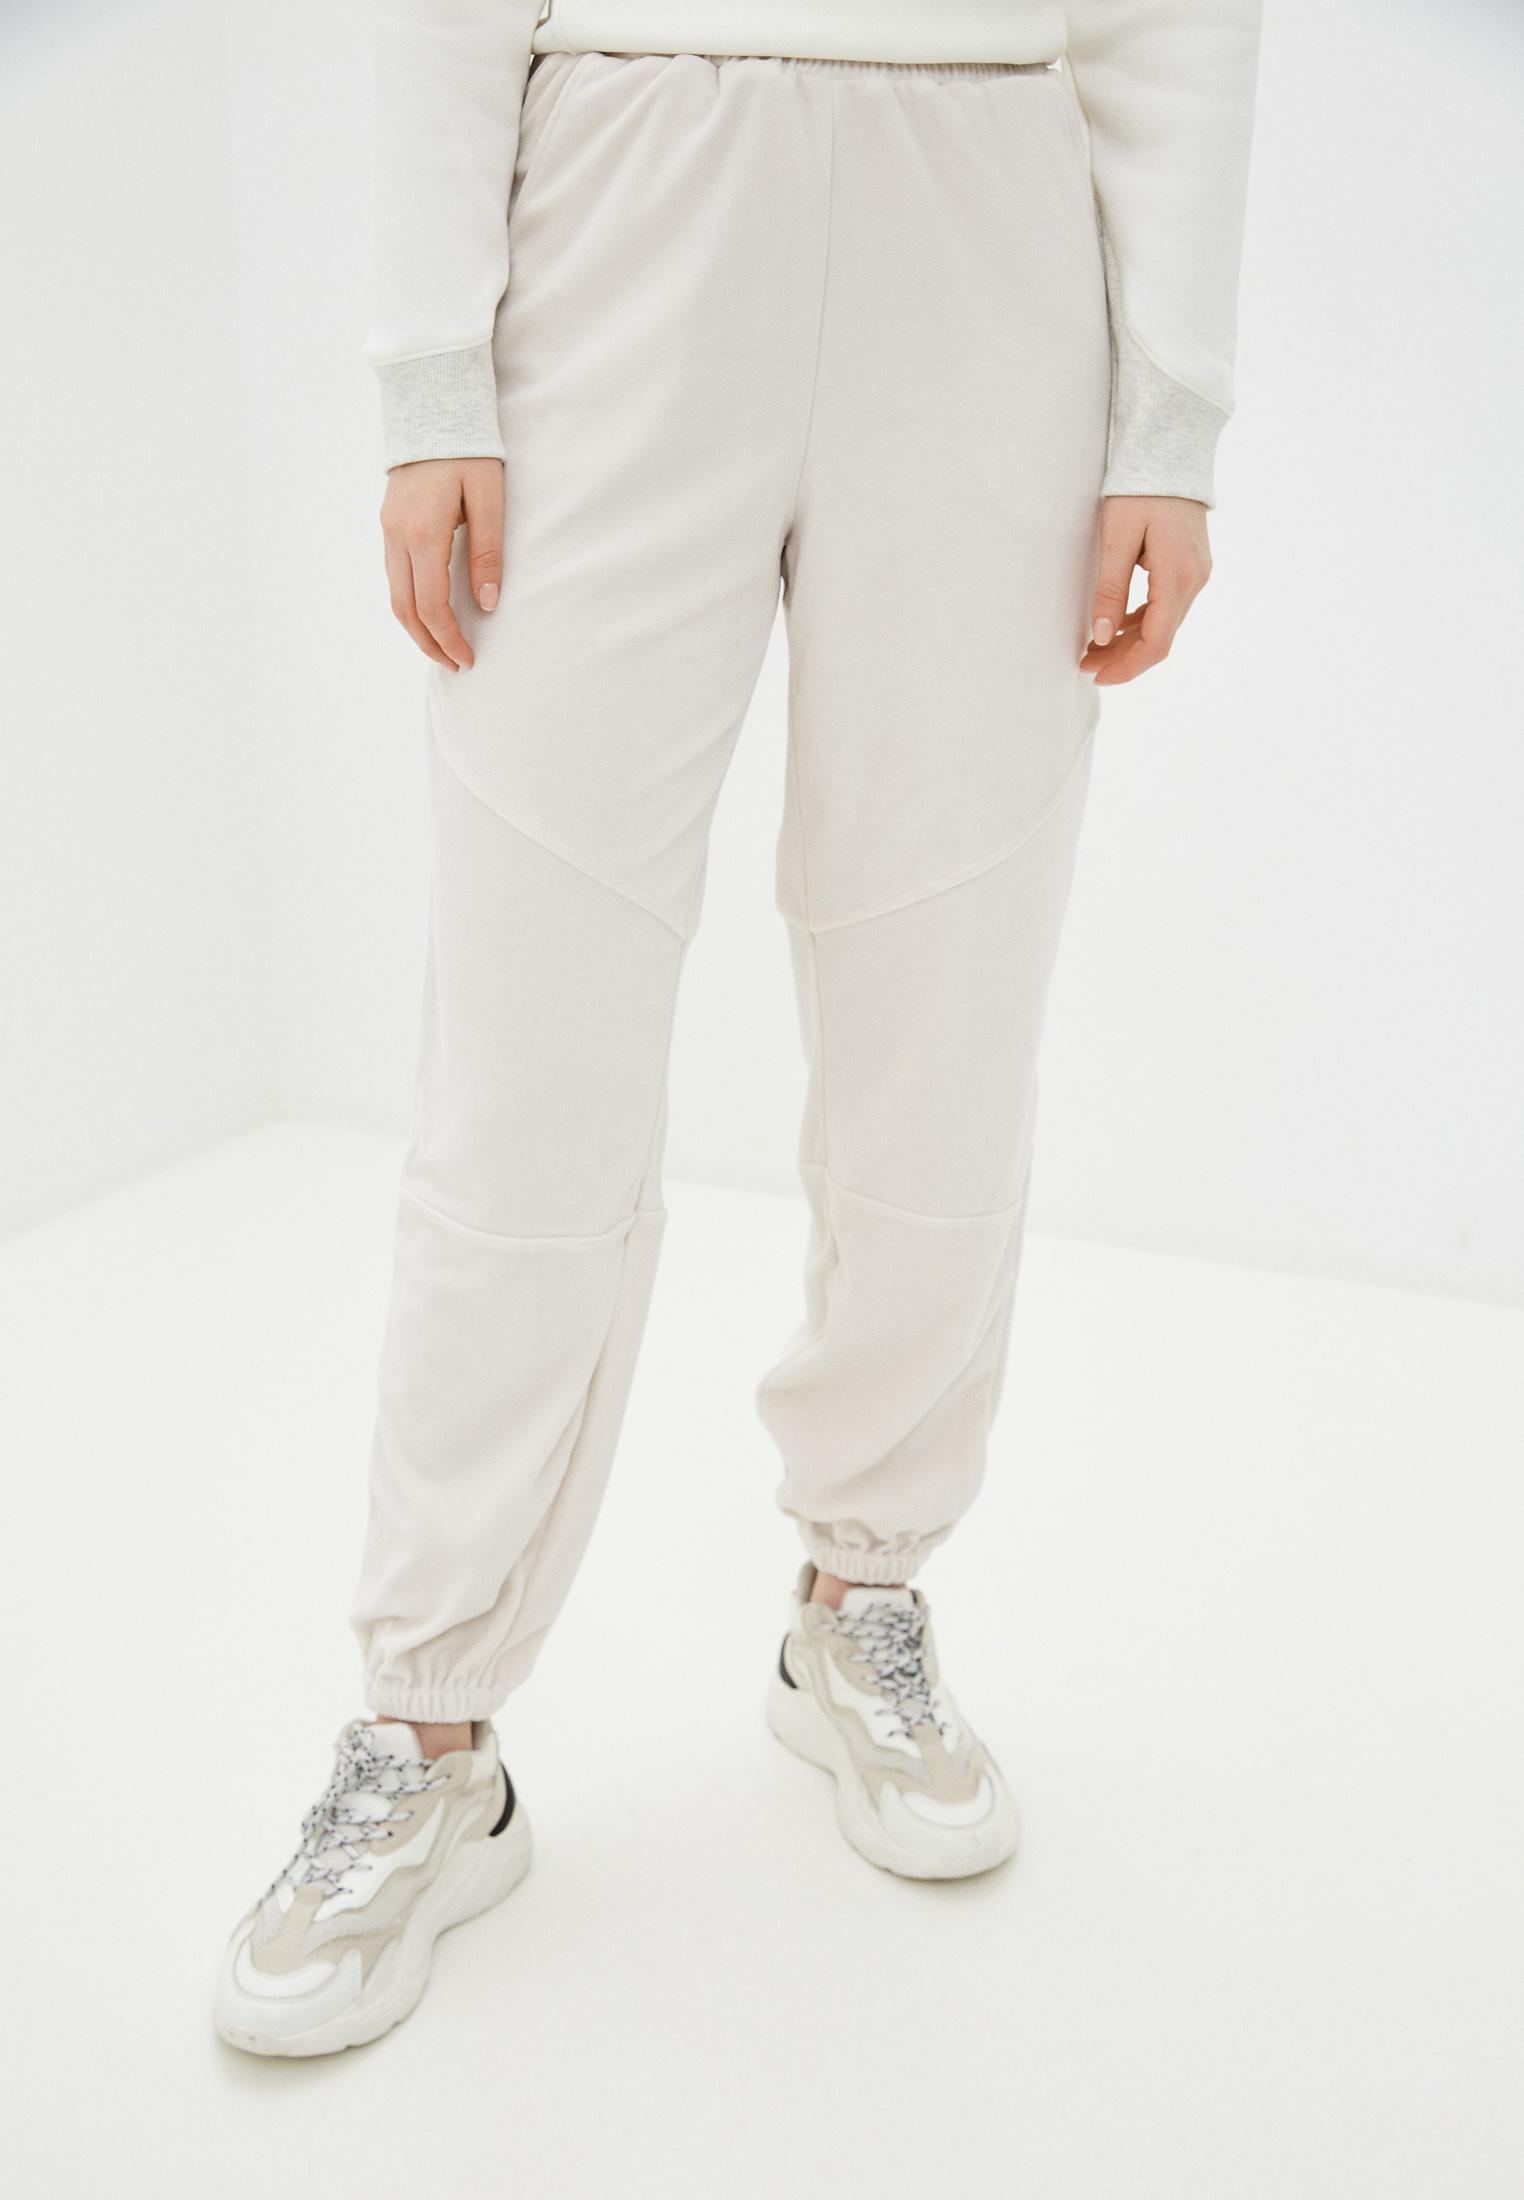 Женские спортивные брюки Pimkie Брюки спортивные Pimkie